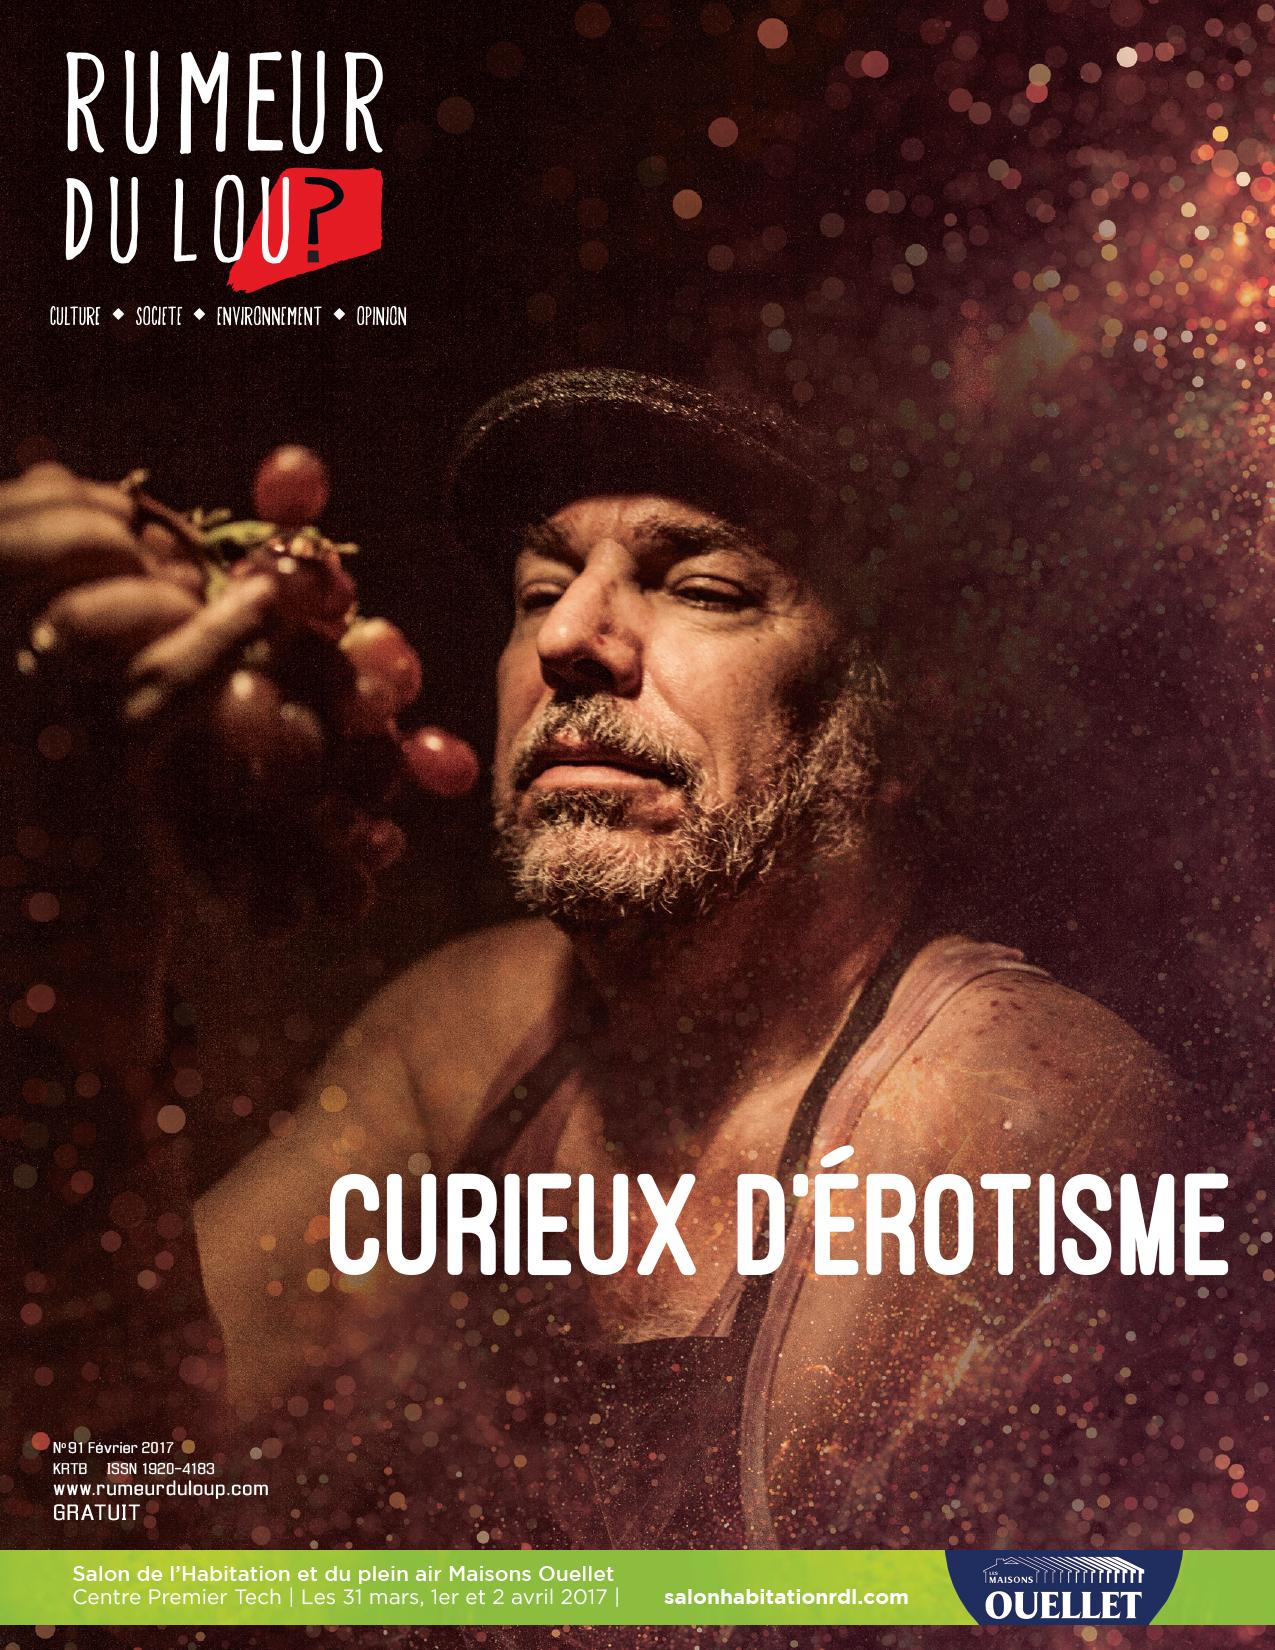 92 rumeur du loup février 2017 cover